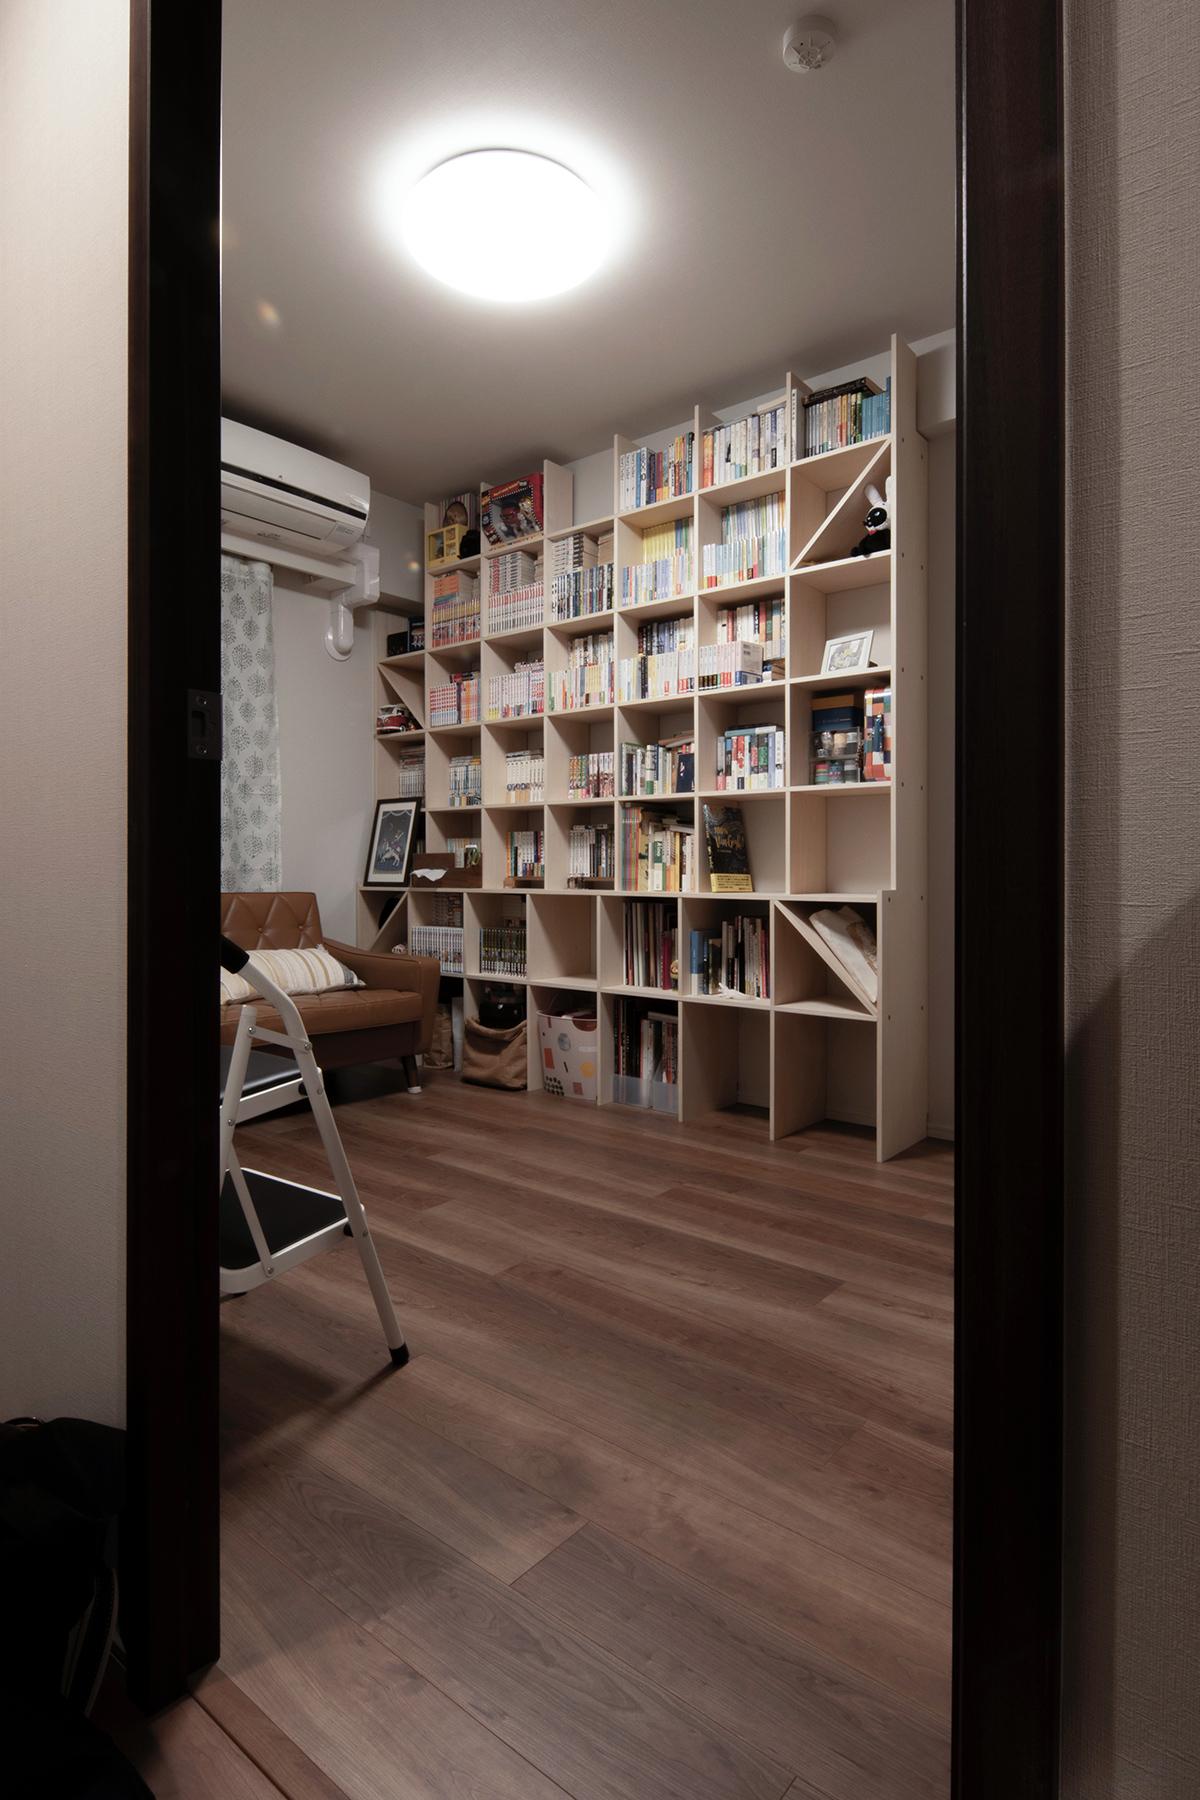 二つの奥行の本棚を組み合わせる   壁一面の本棚 奥行250mm / Shelf (No.77)   マルゲリータ使用例